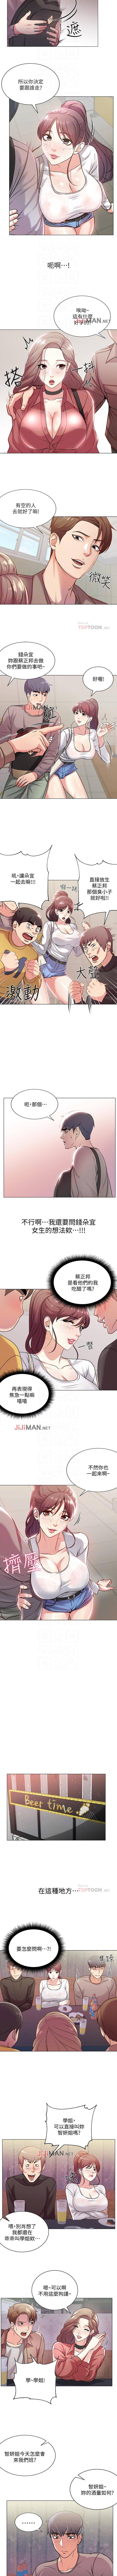 【周三连载】超市的漂亮姐姐(作者:北鼻&逃兵) 第1~20话 60